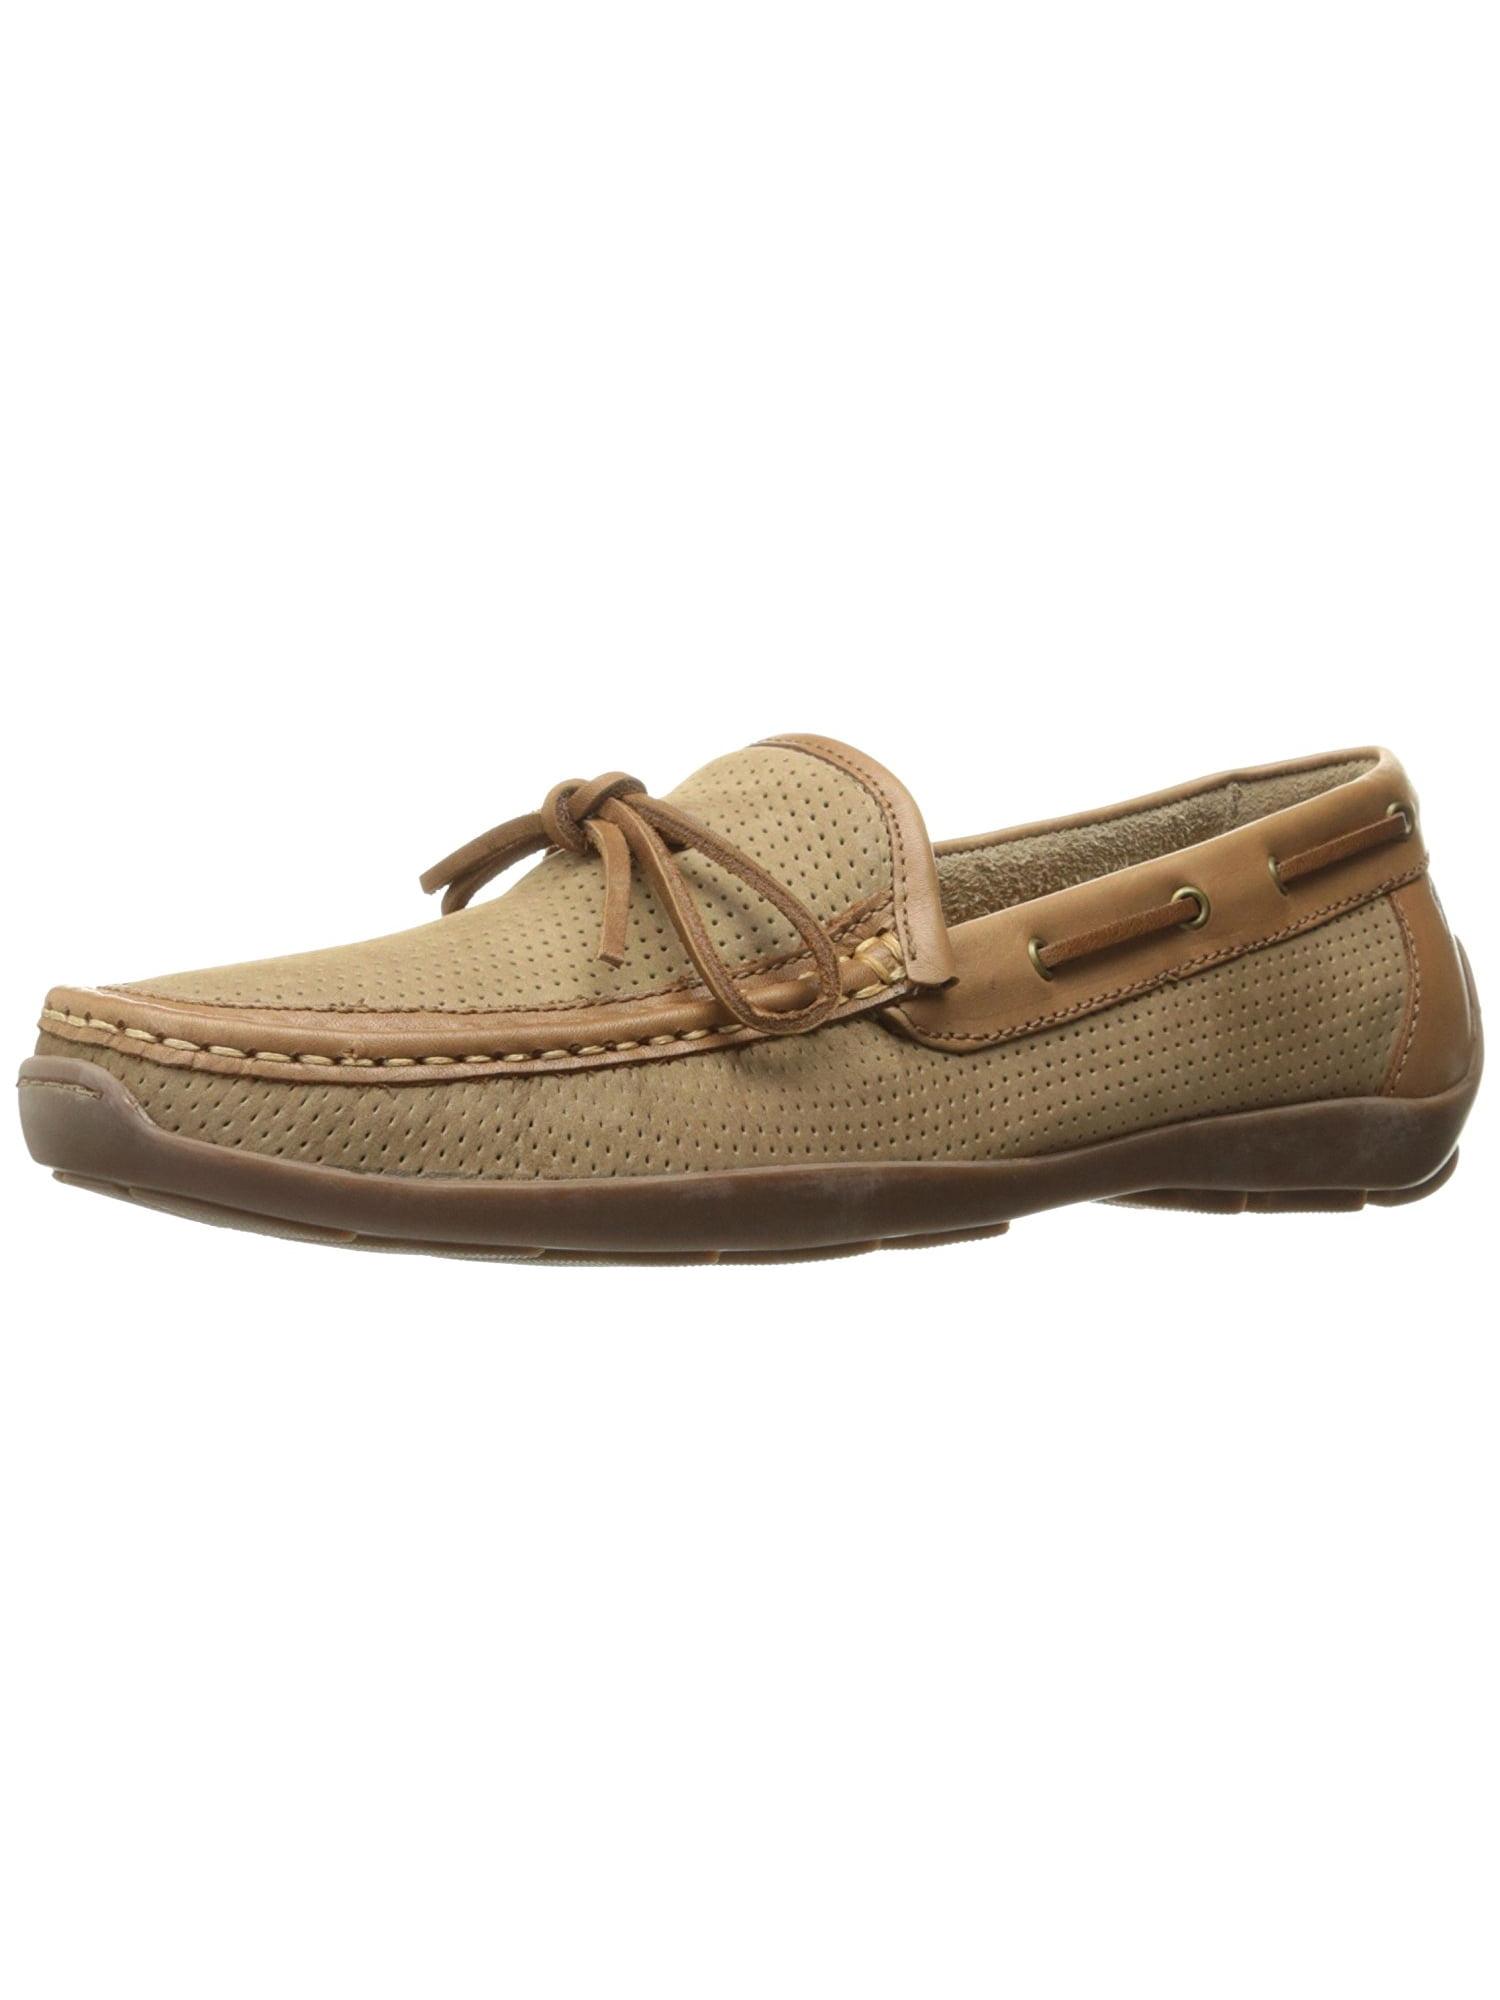 Tommy Bahama Men's Odinn Slip-on Moccasin Boat Shoe (Sand, 10.5) by